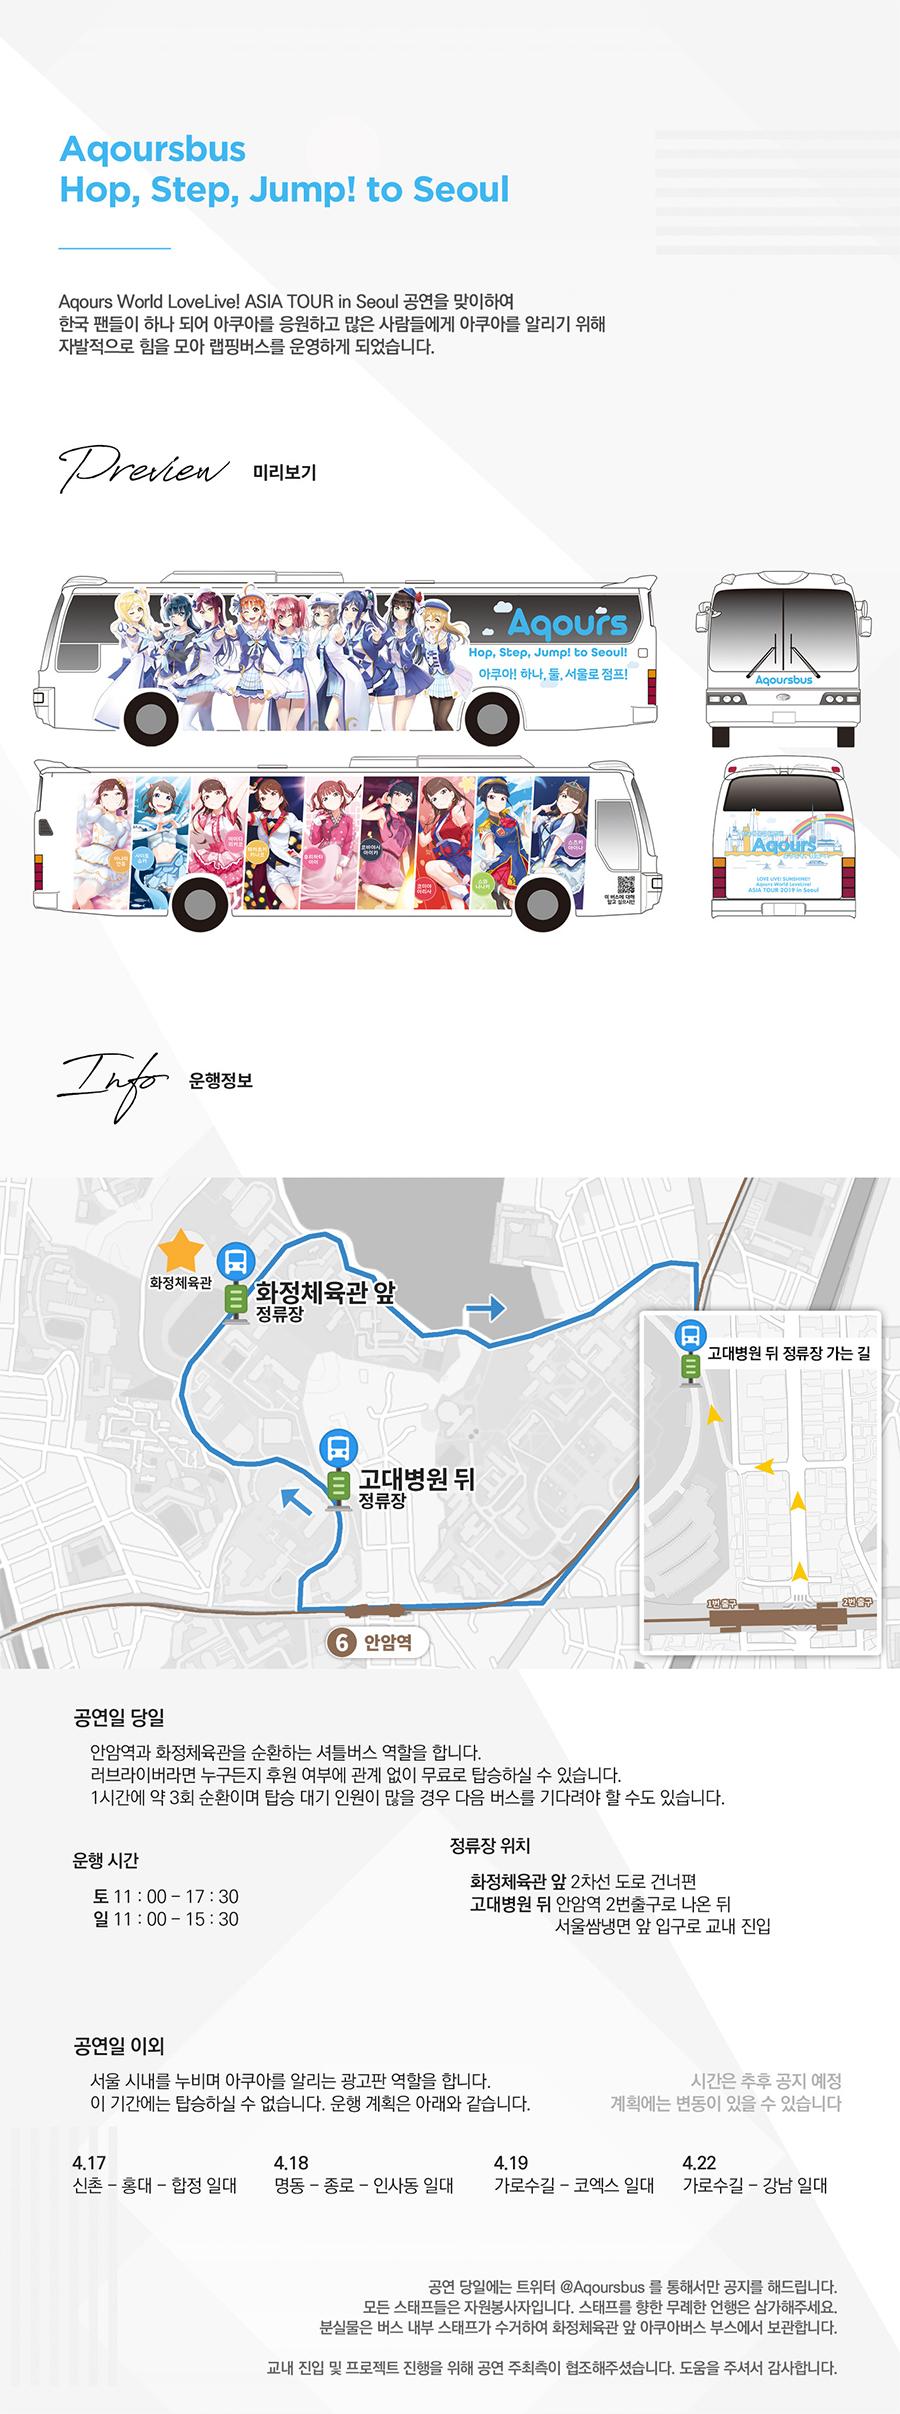 오늘부터 서울 시내에 운행될 버스!!!